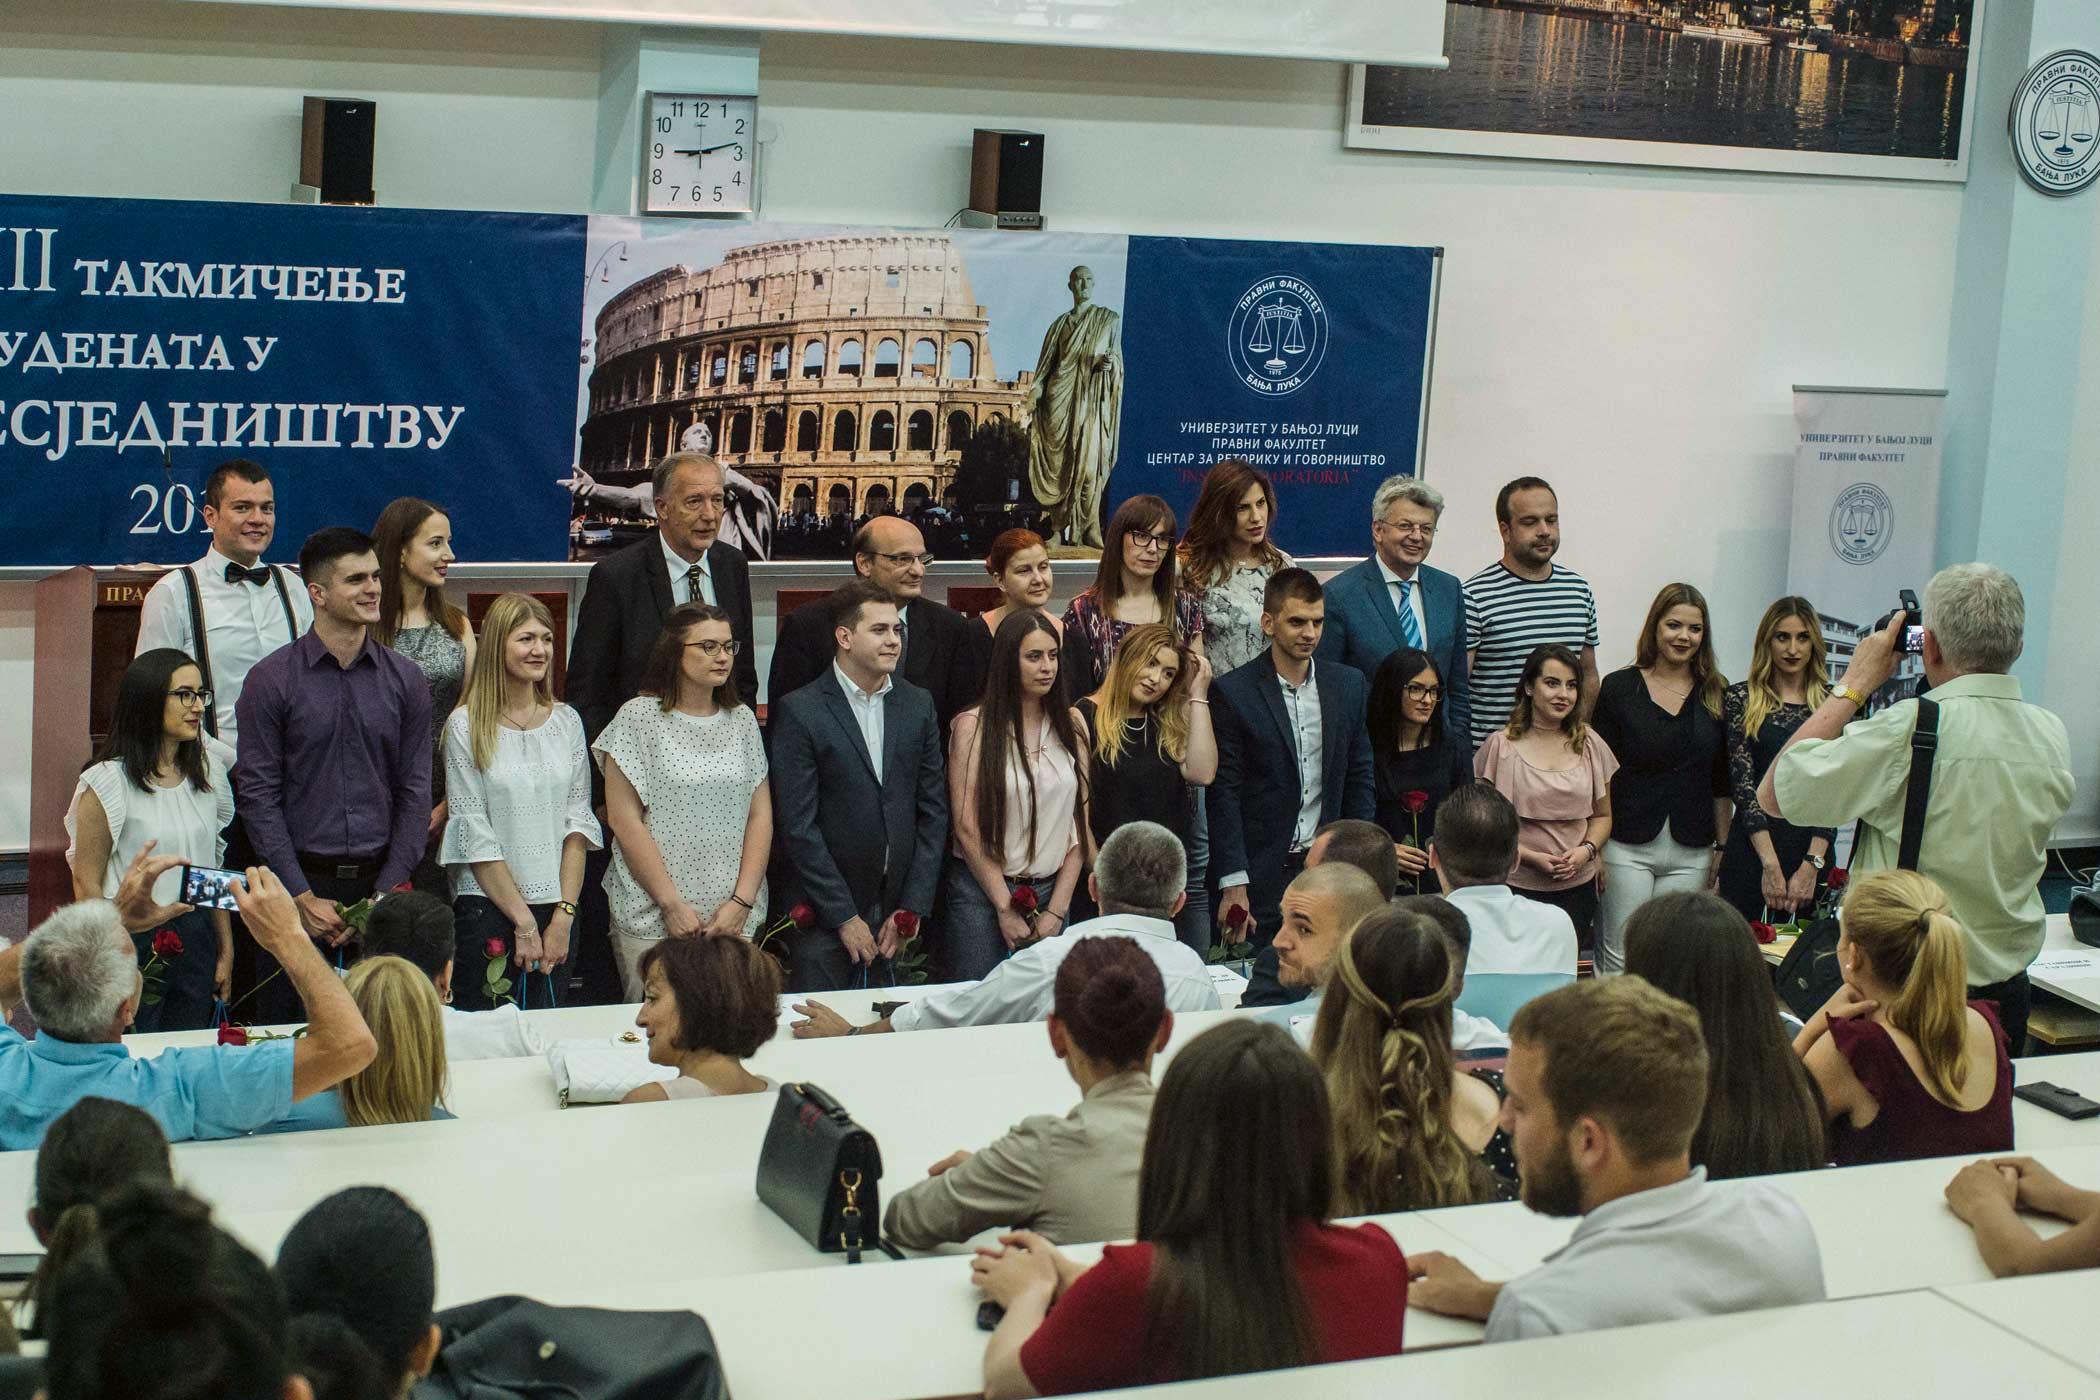 XIV Такмичење у бесједништву студената Правног факултета у Бањој Луци